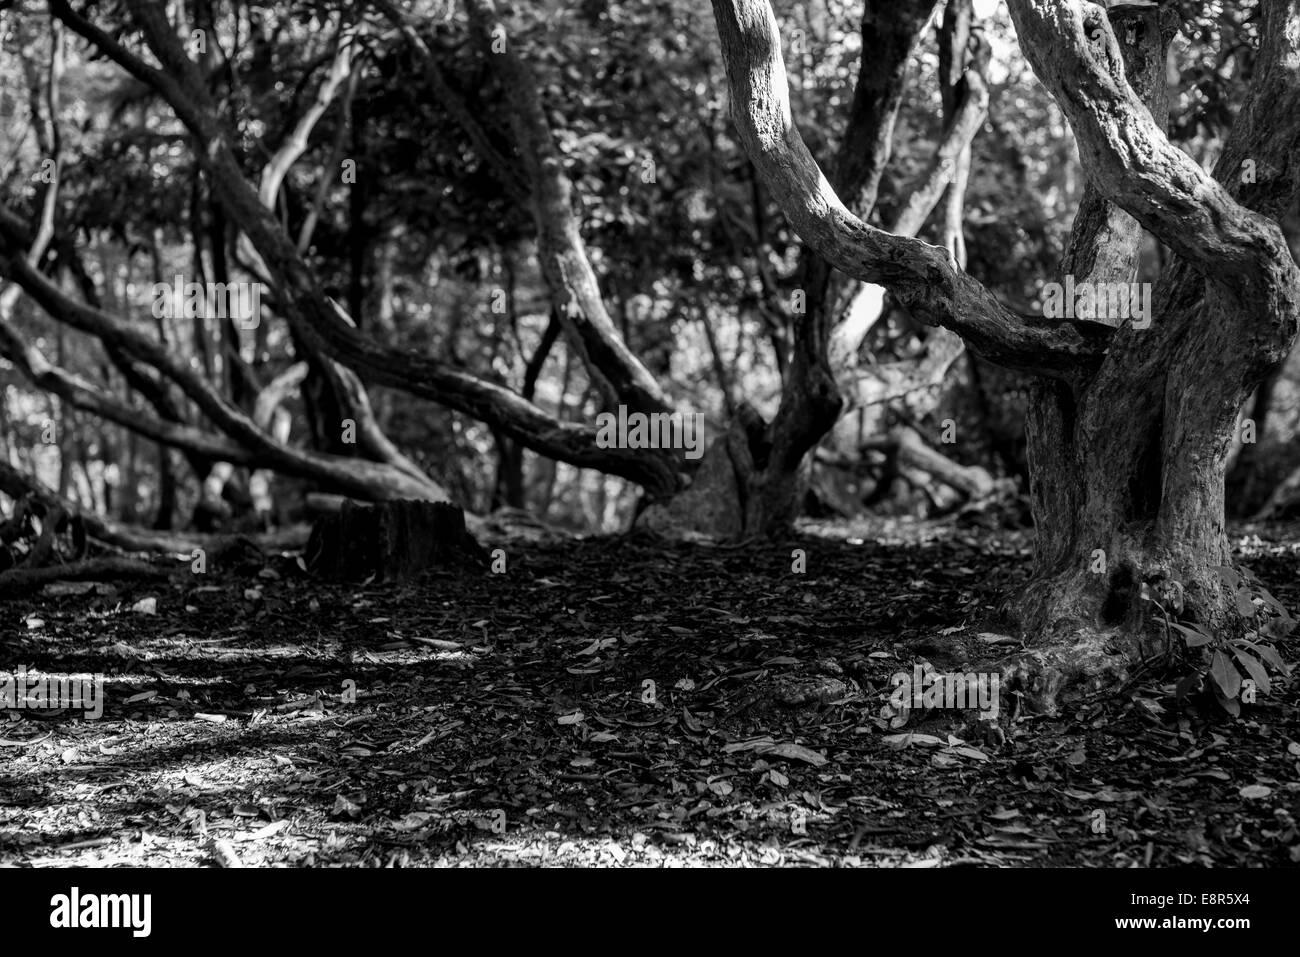 Noir et blanc monochrome d'arbres gnarly torsadée Banque D'Images